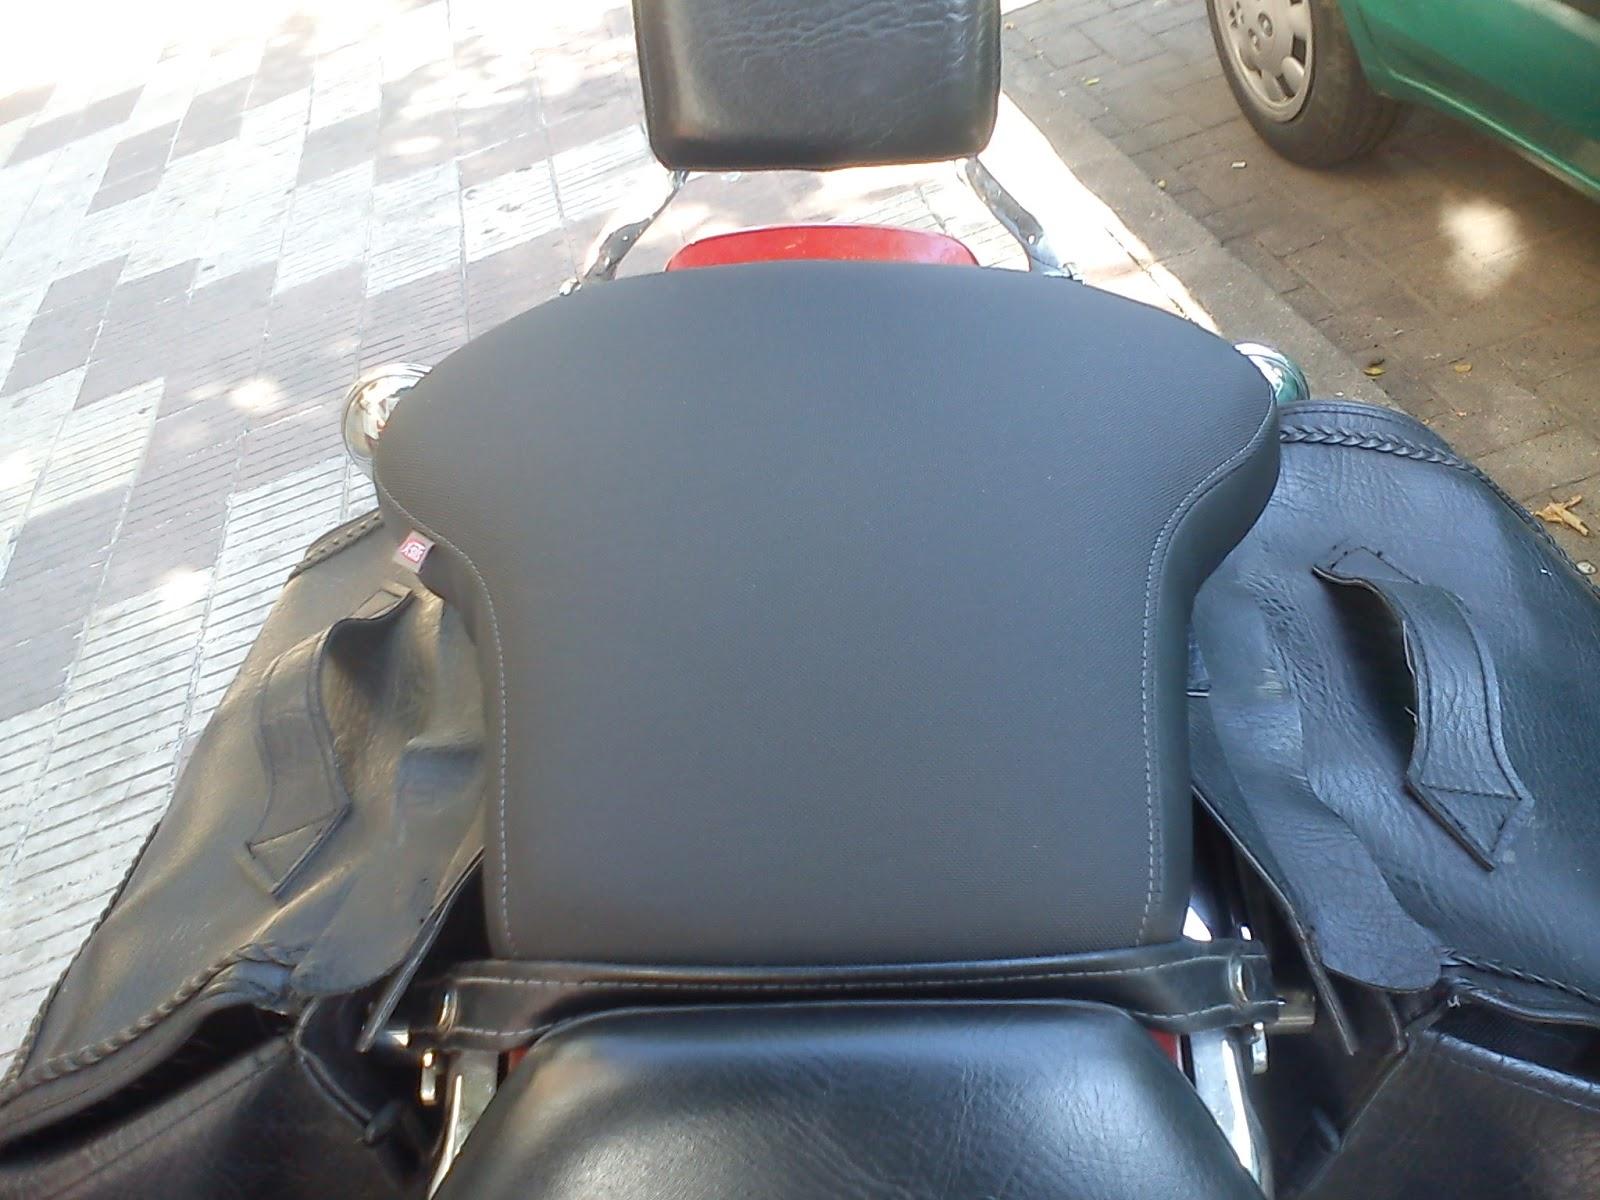 Consiguen ensanchar el asiento trasero de una yamaha drag for Tapizar asientos coche barcelona